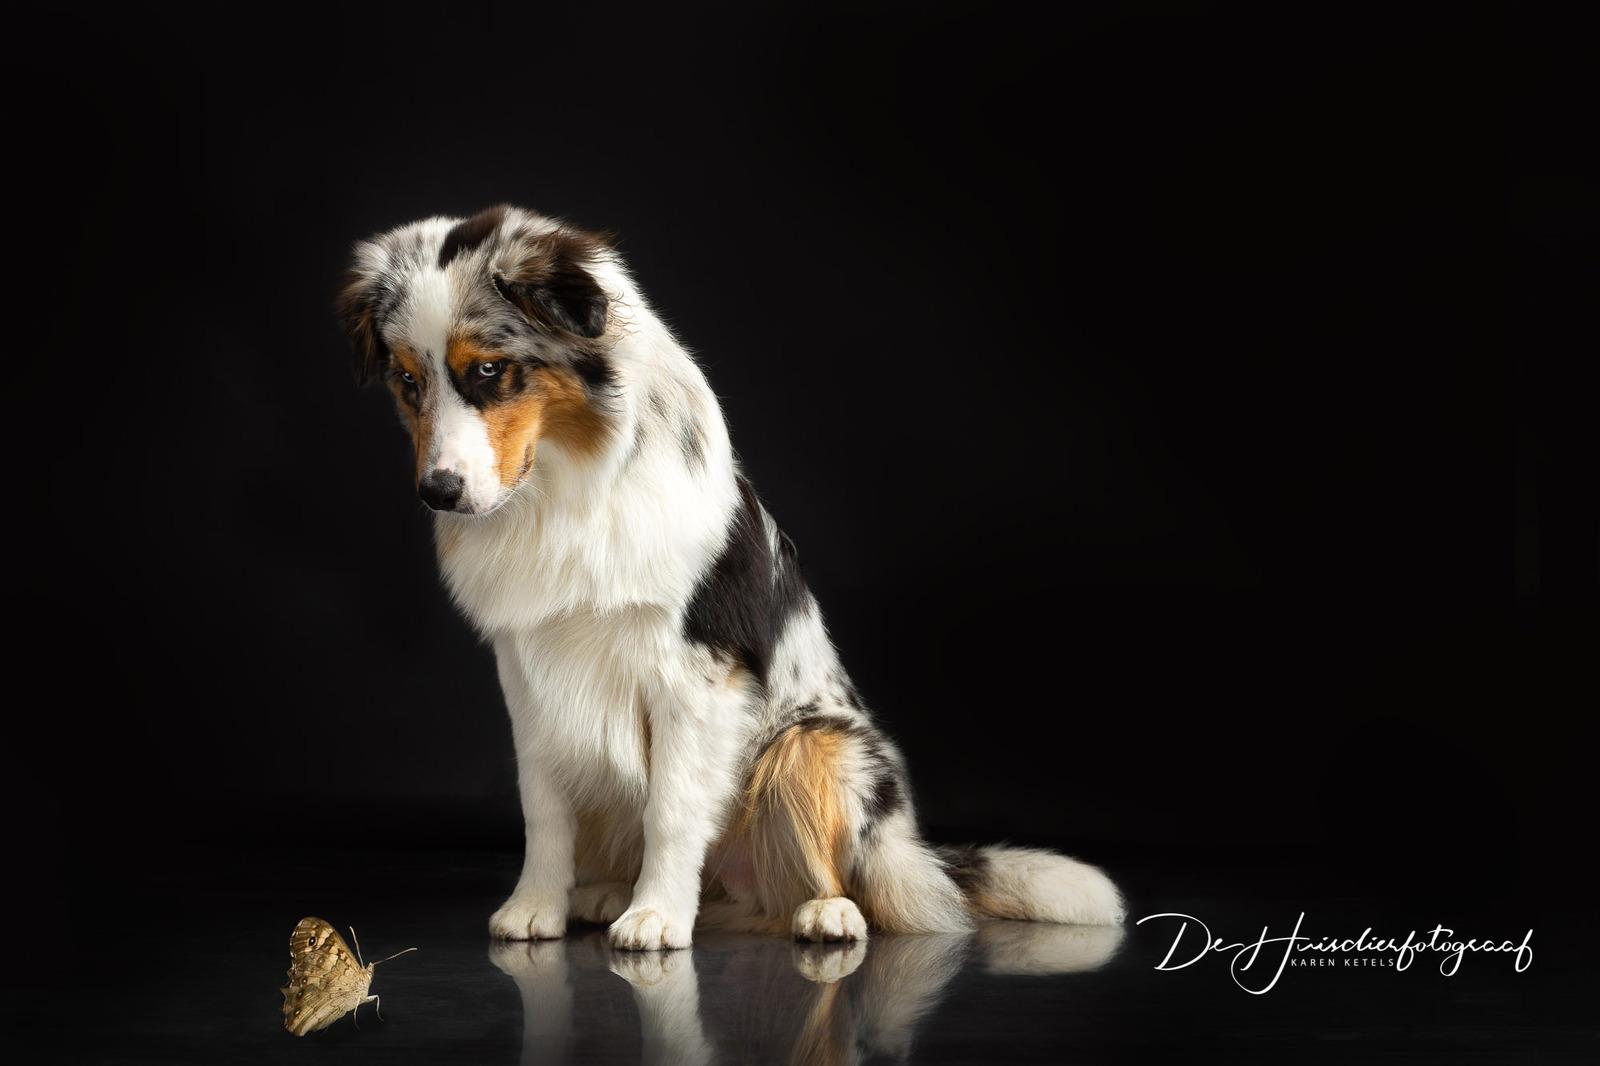 Portret van jouw hond. Fine-artportret van een Australian Sheperd die naar een klein vlindertje zit te kijken. Portret door De Huisdierfotograaf